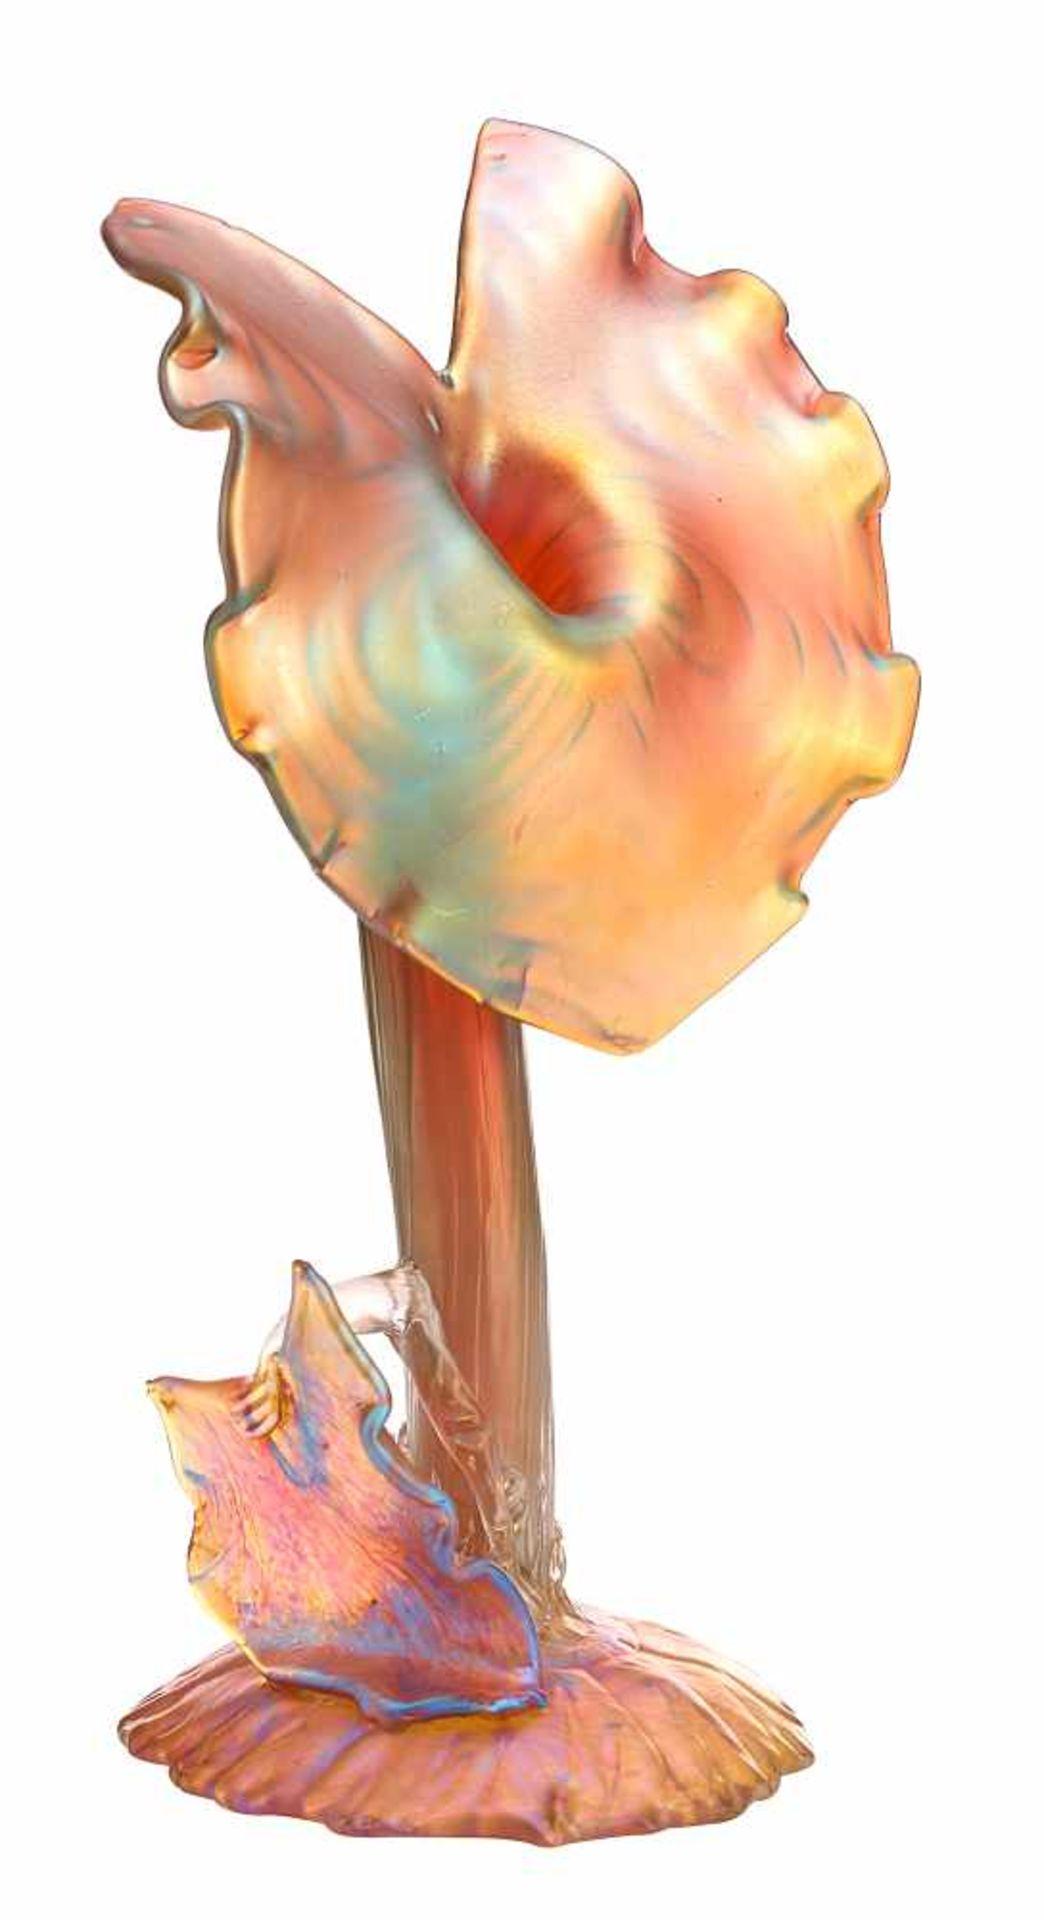 Ziervase mit Blattwerk «Candia Silberiris»